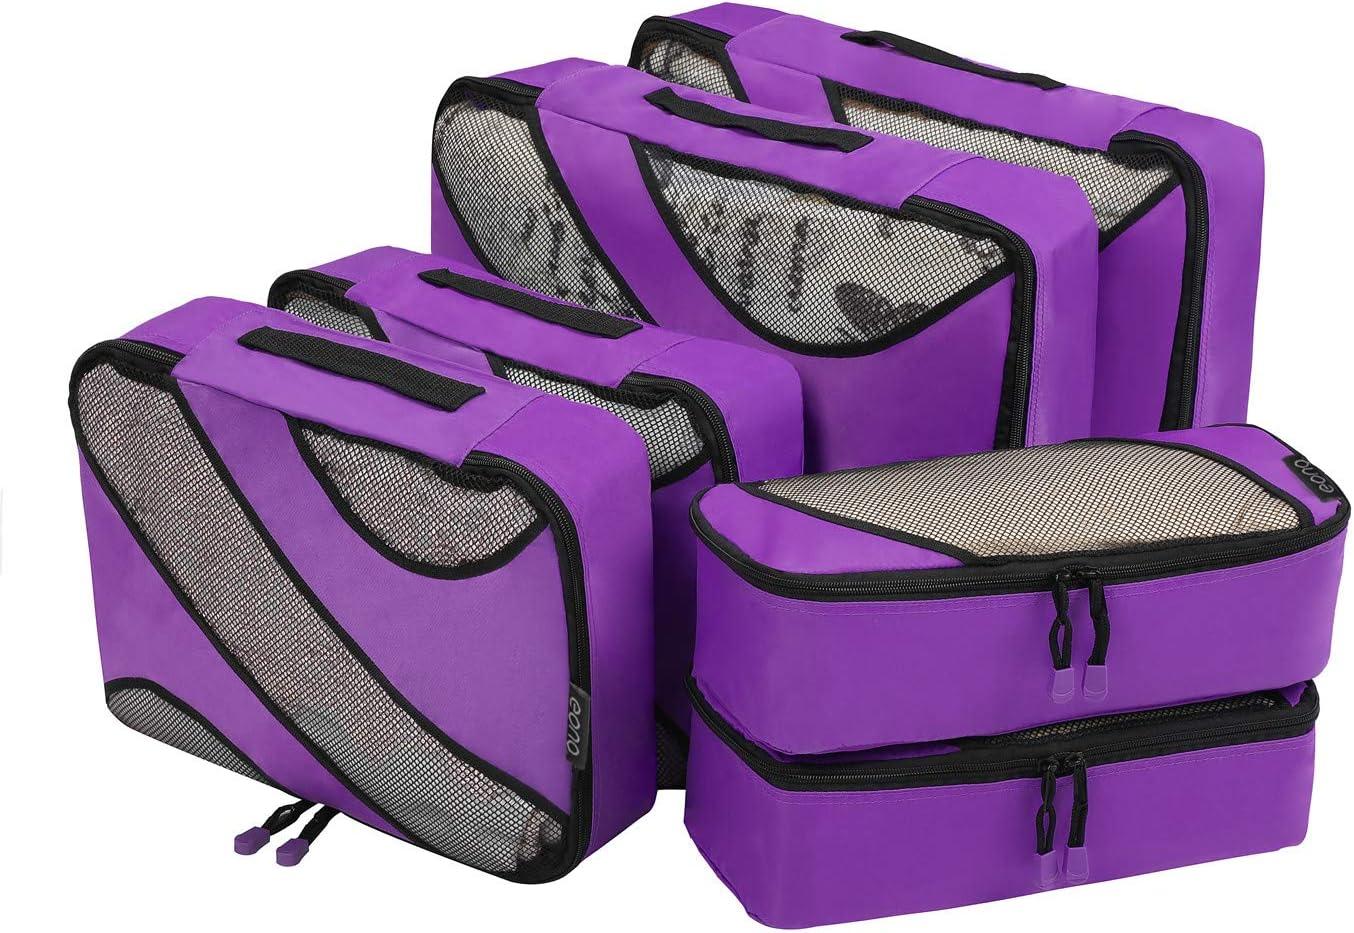 Eono by Amazon - Organizadores de Viaje Cubos de Embalaje Organizadores para Maletas Travel Packing Cubes Equipaje de Viaje Organizadores Organizadores para el Equipaje, Morado,6 Pcs